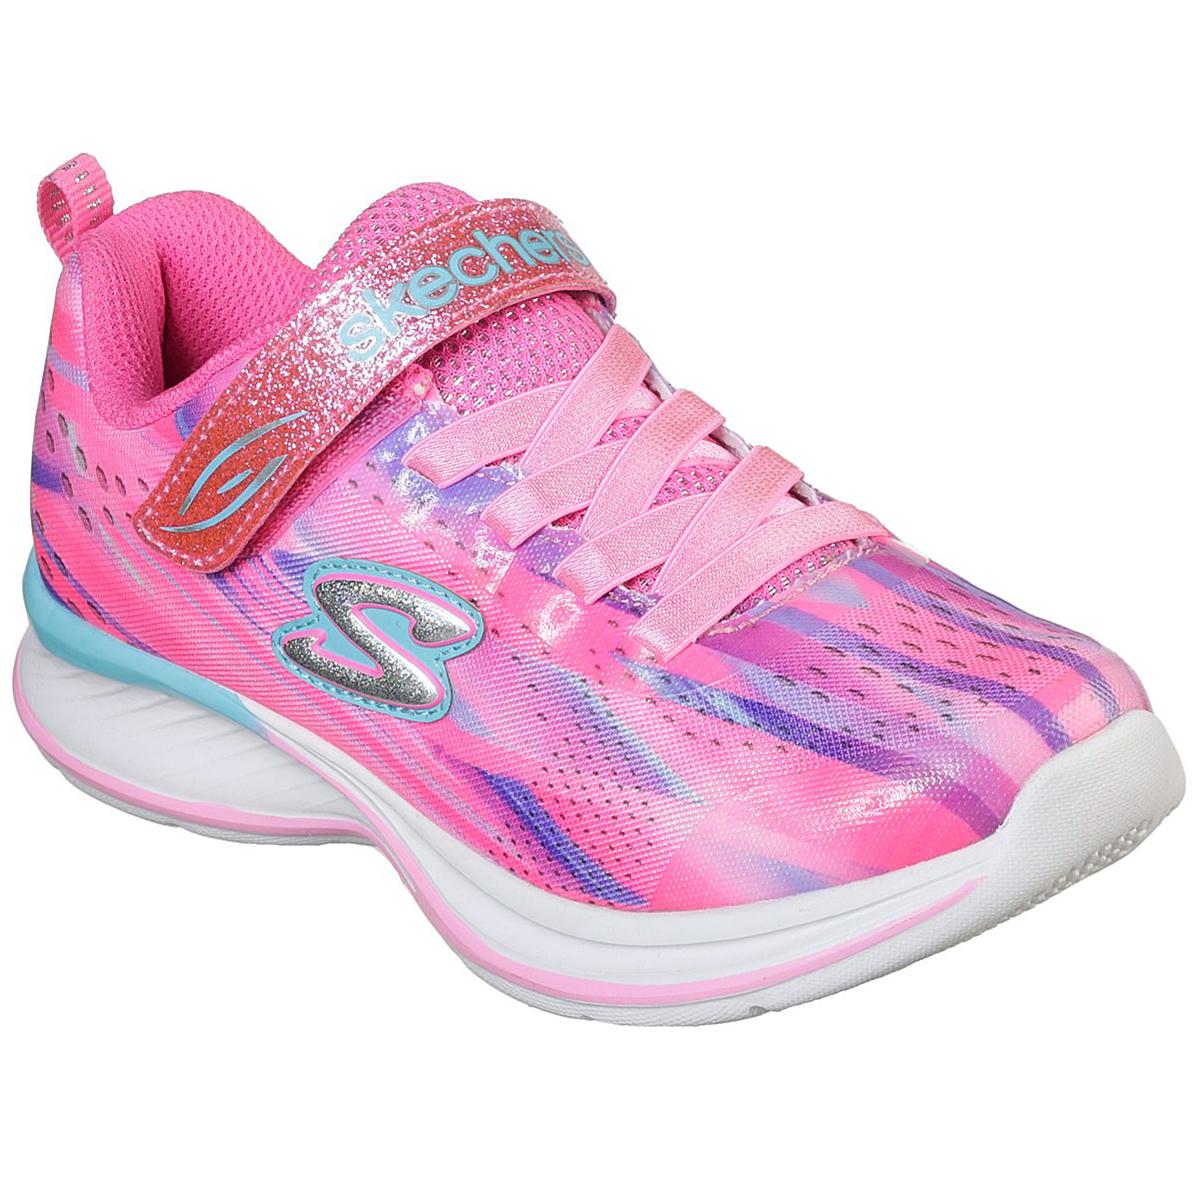 Skechers Toddler Girls' Jumpin Jams - Dream Runner Sneakers - Red, 9